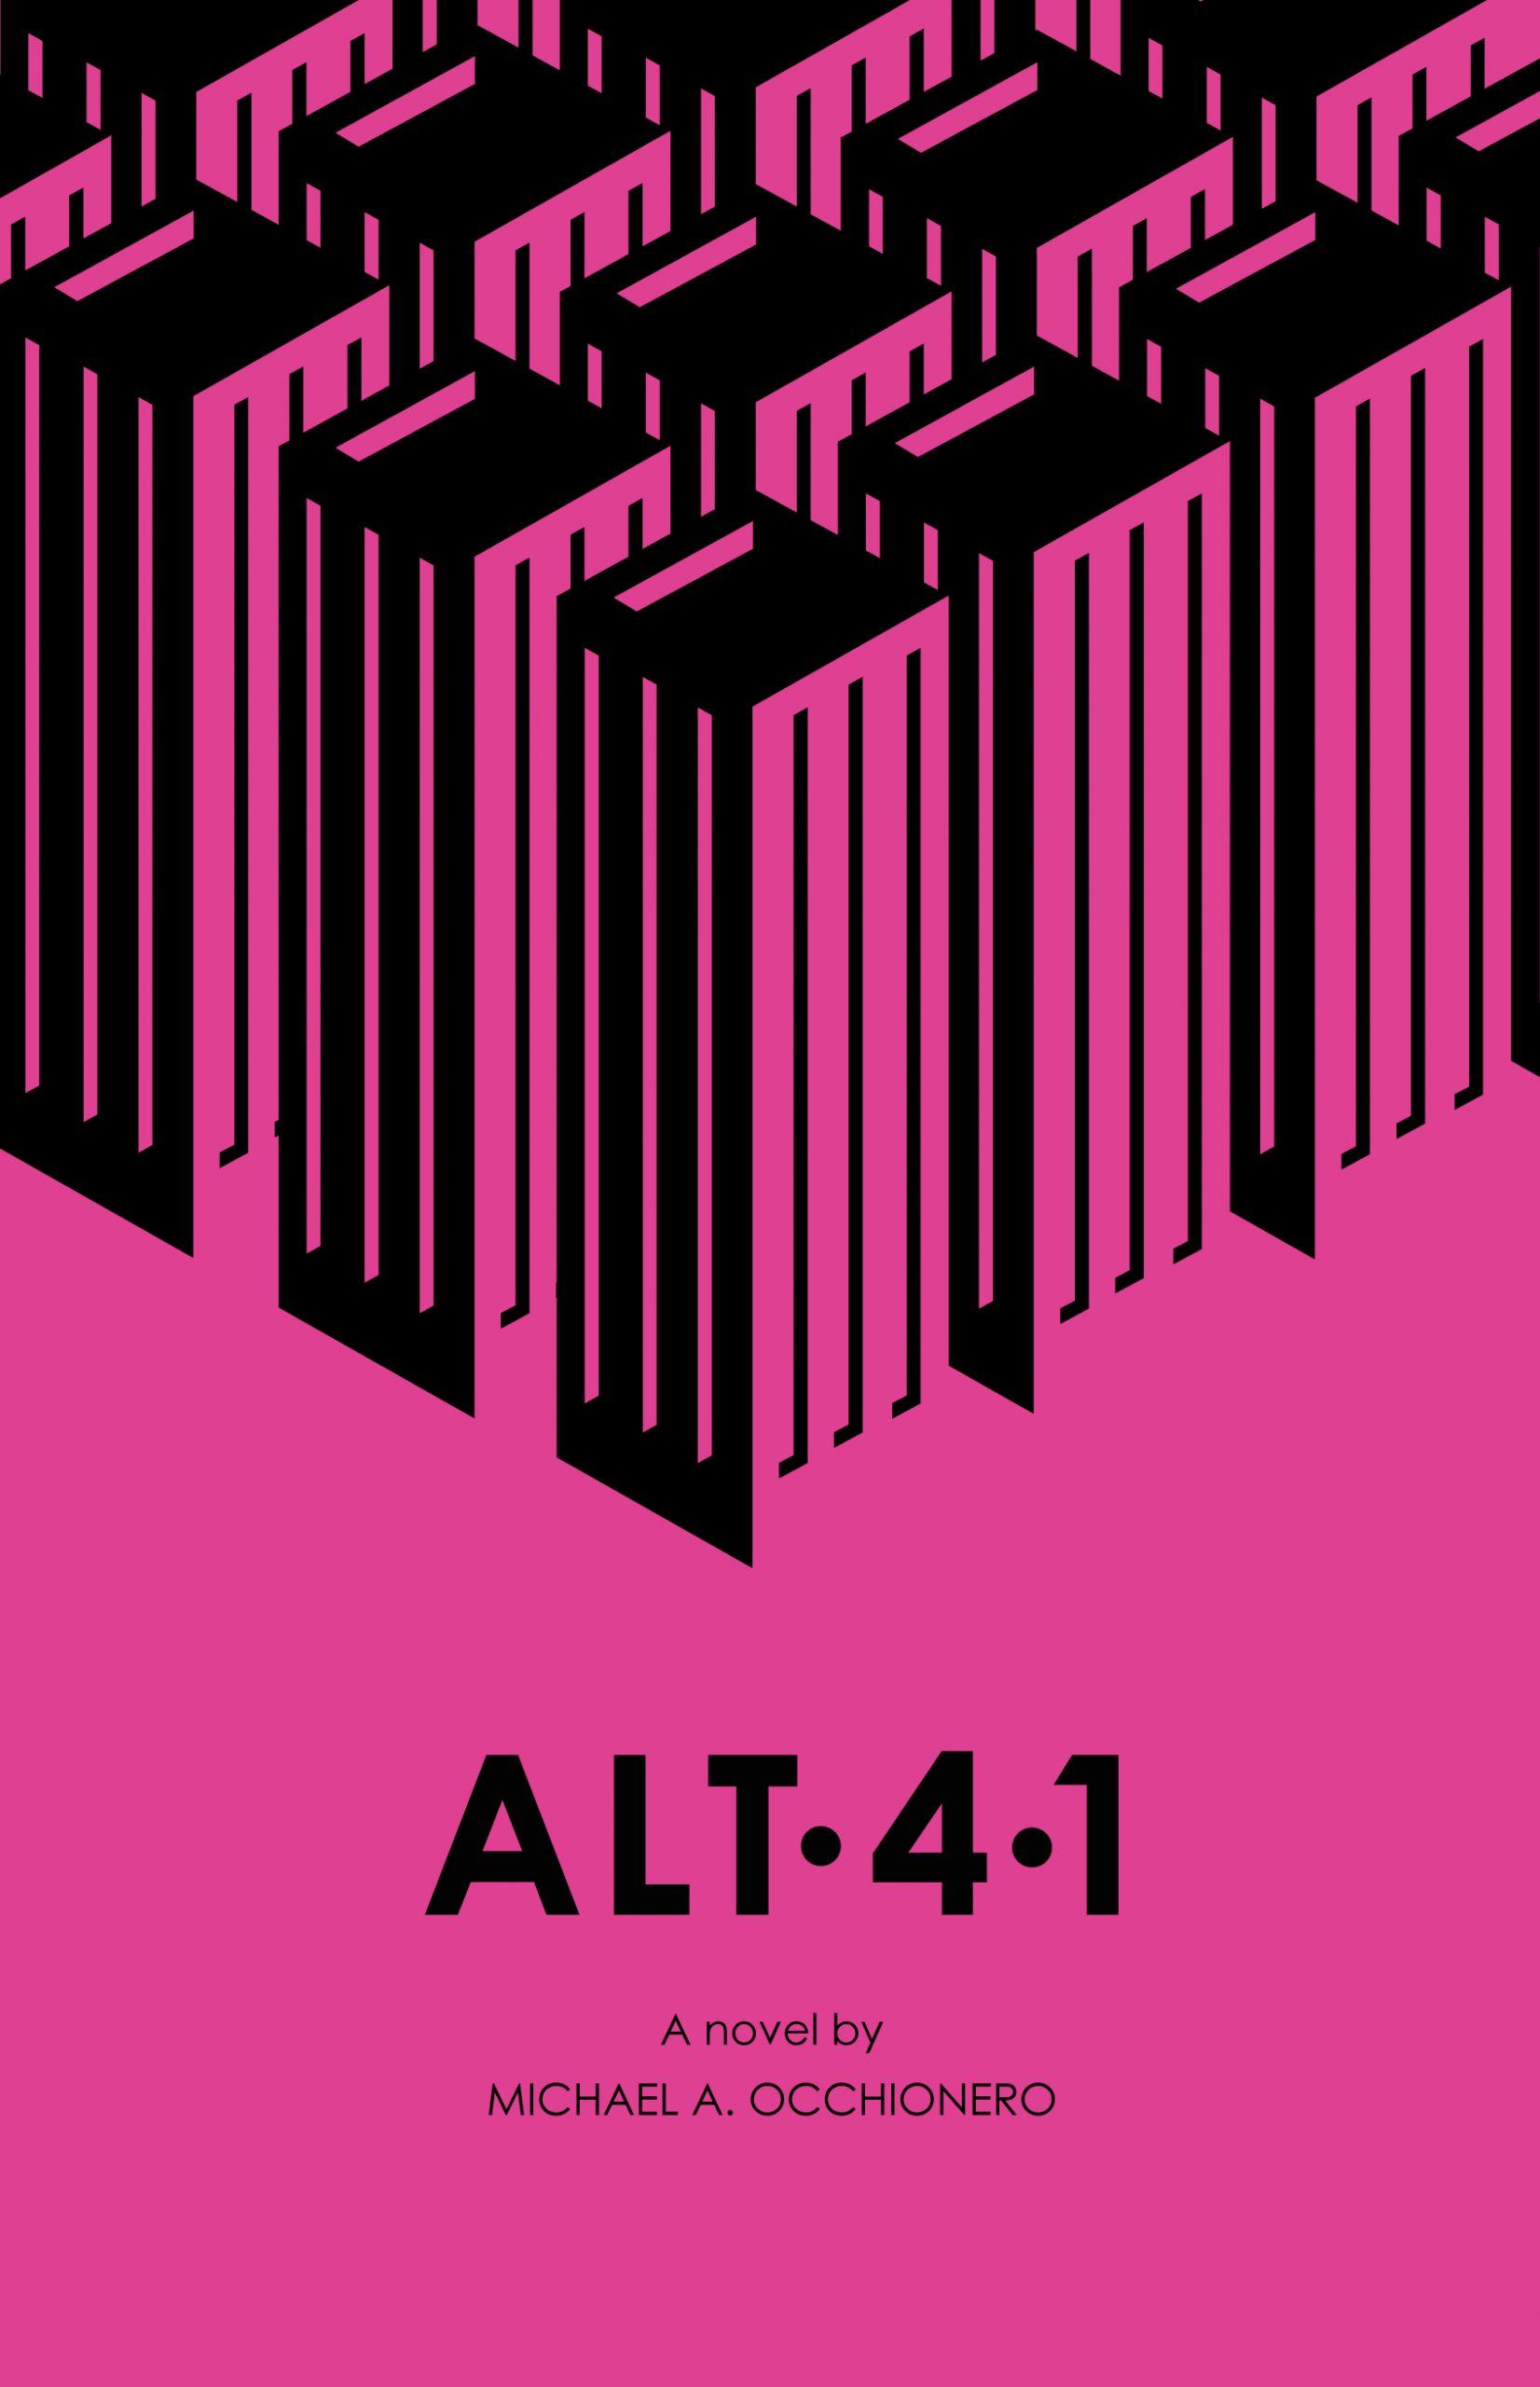 ALT•4•1